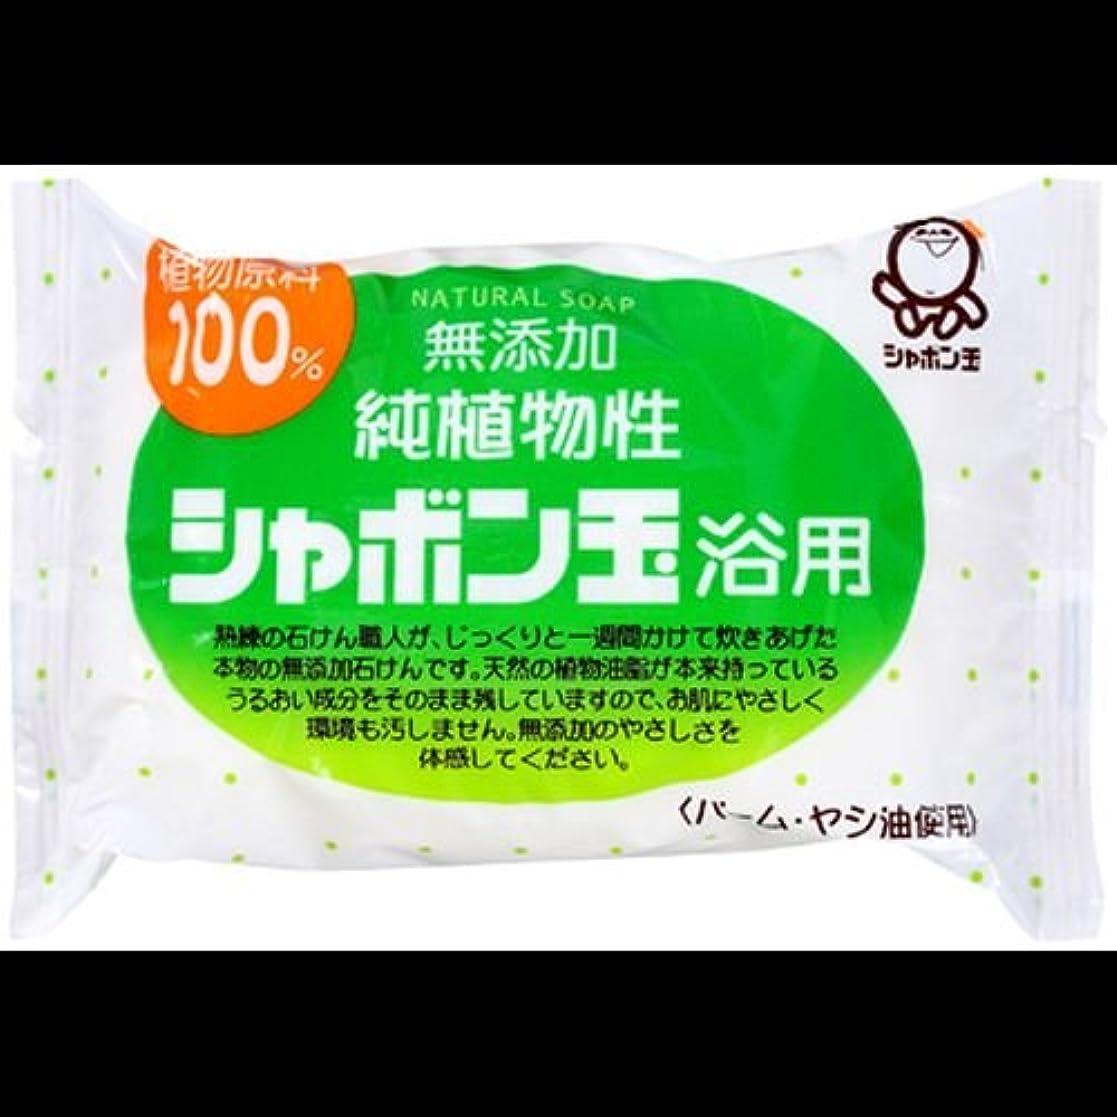 引数洞窟それにもかかわらず【まとめ買い】シャボン玉 無添加 純植物性 シャボン玉浴用石けん 純植物性 100g ×2セット